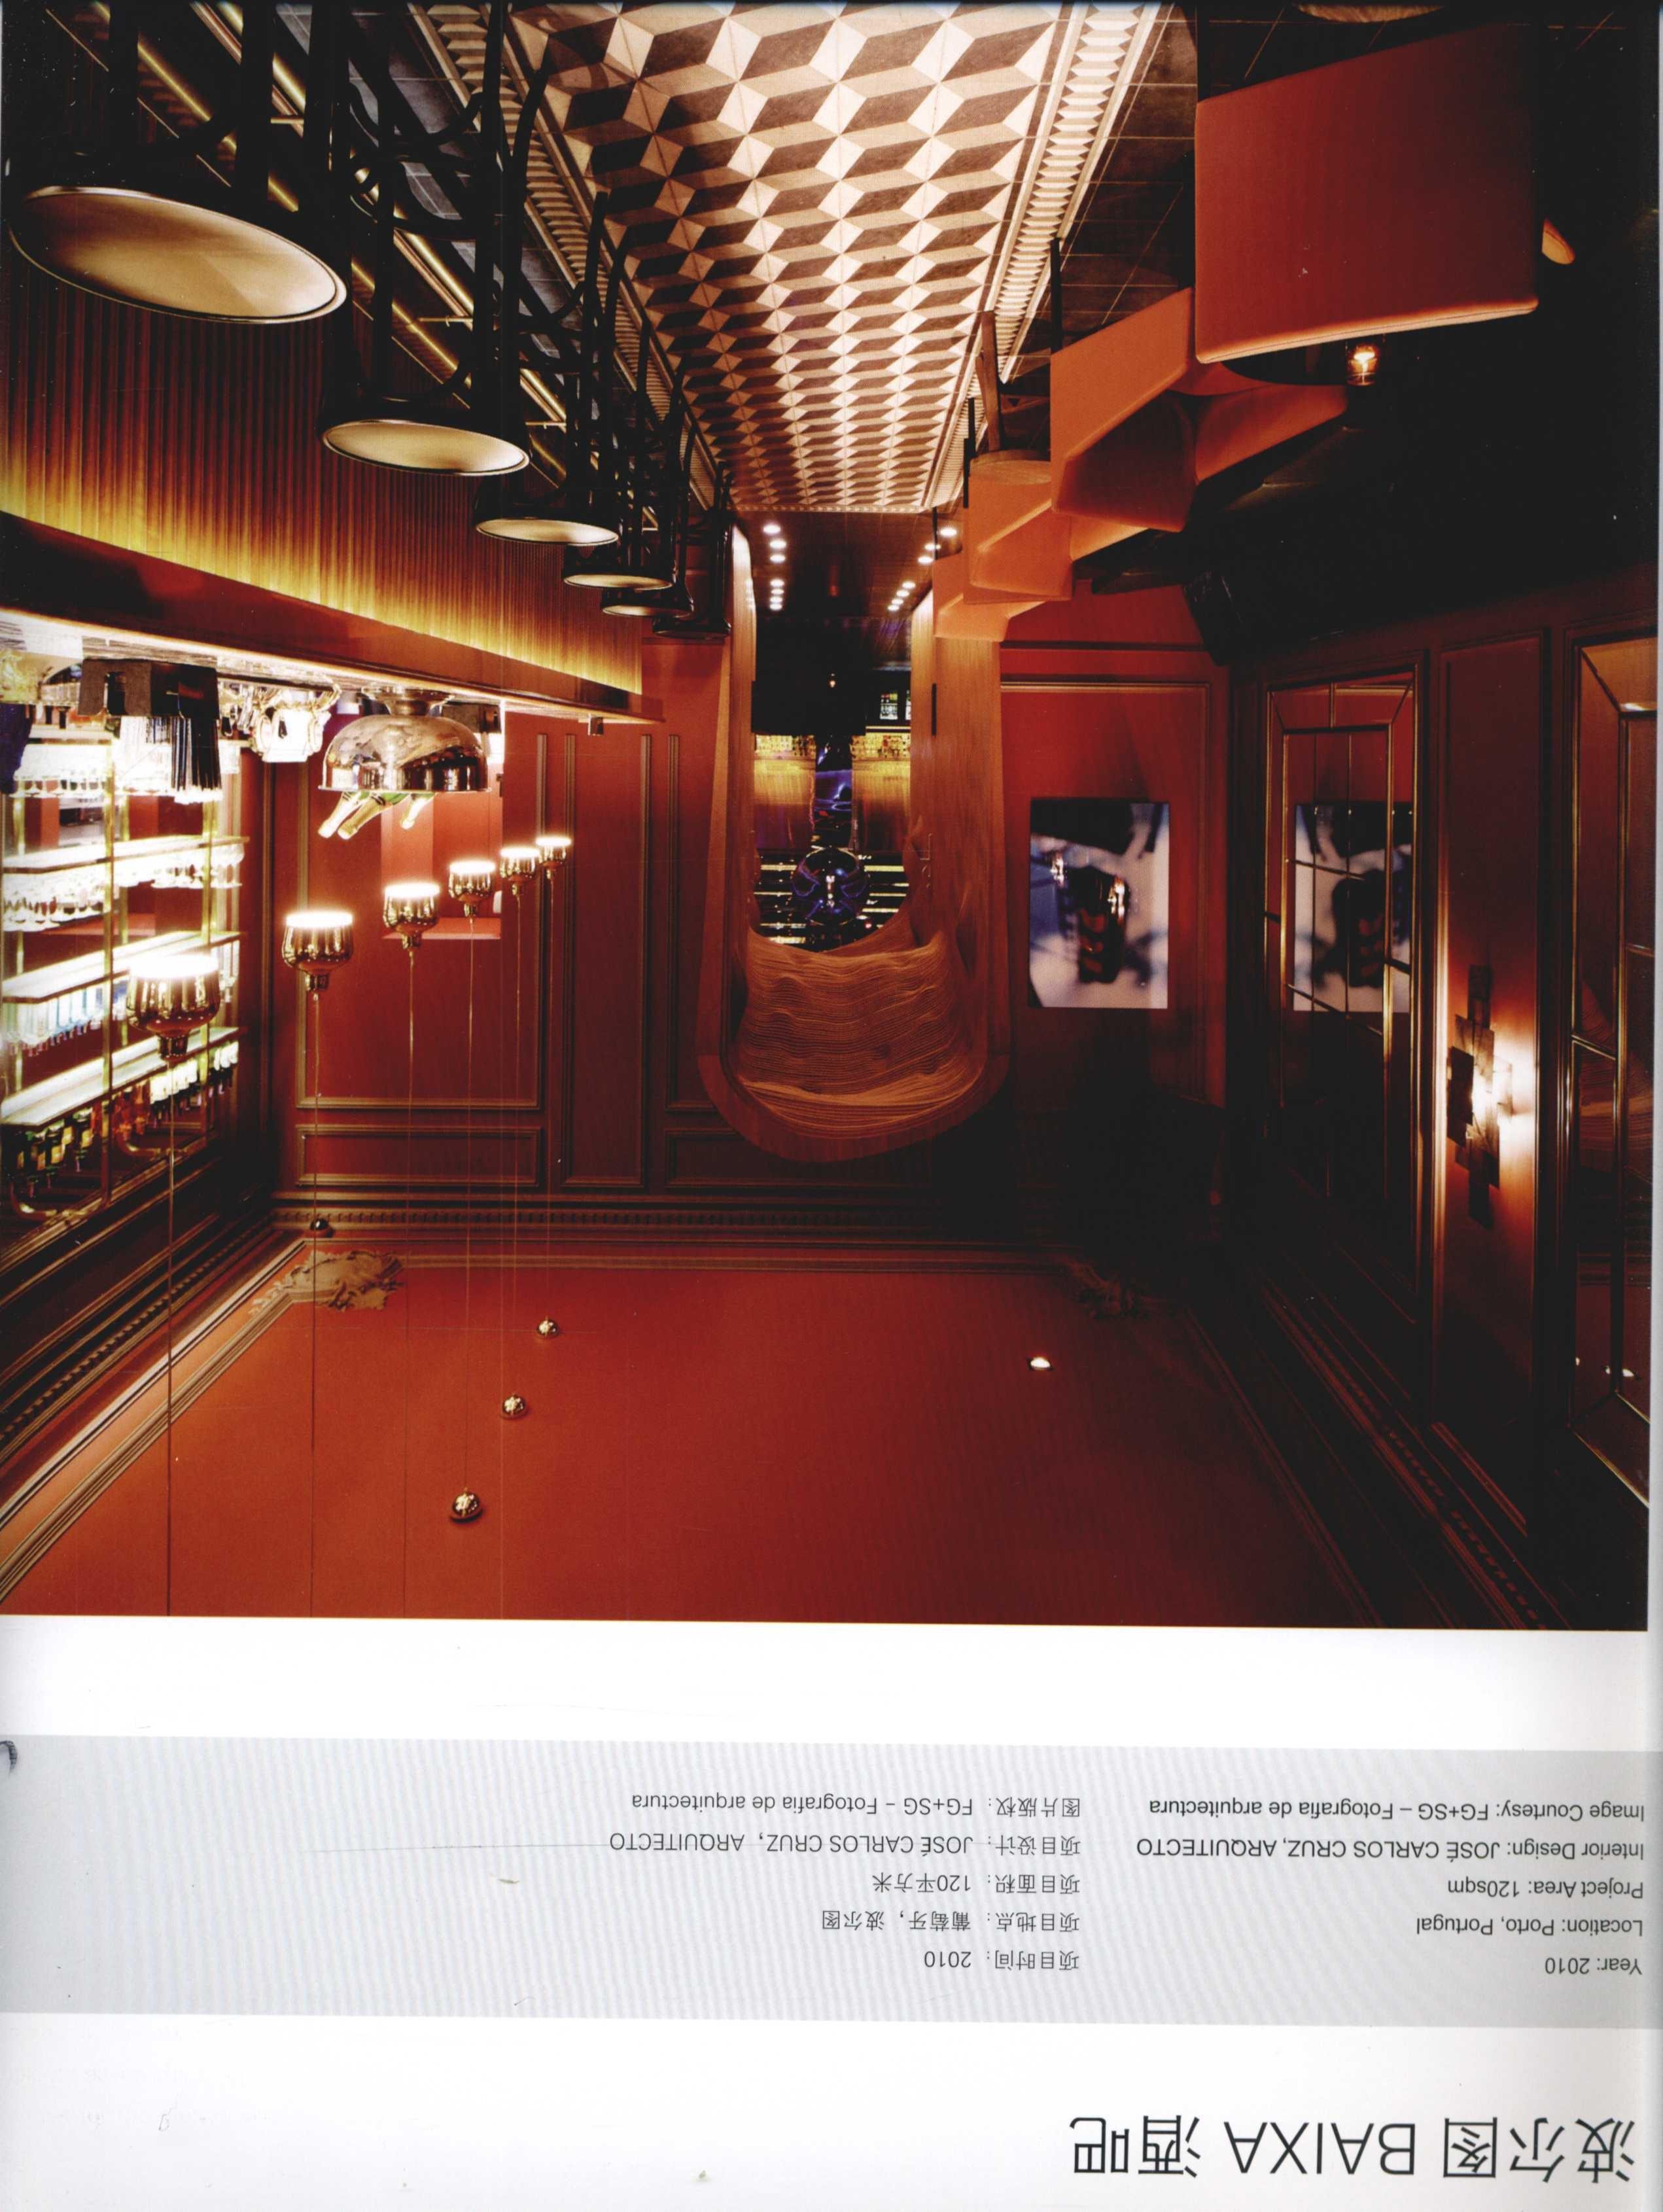 2012全球室内设计年鉴  餐饮_Page_147.jpg